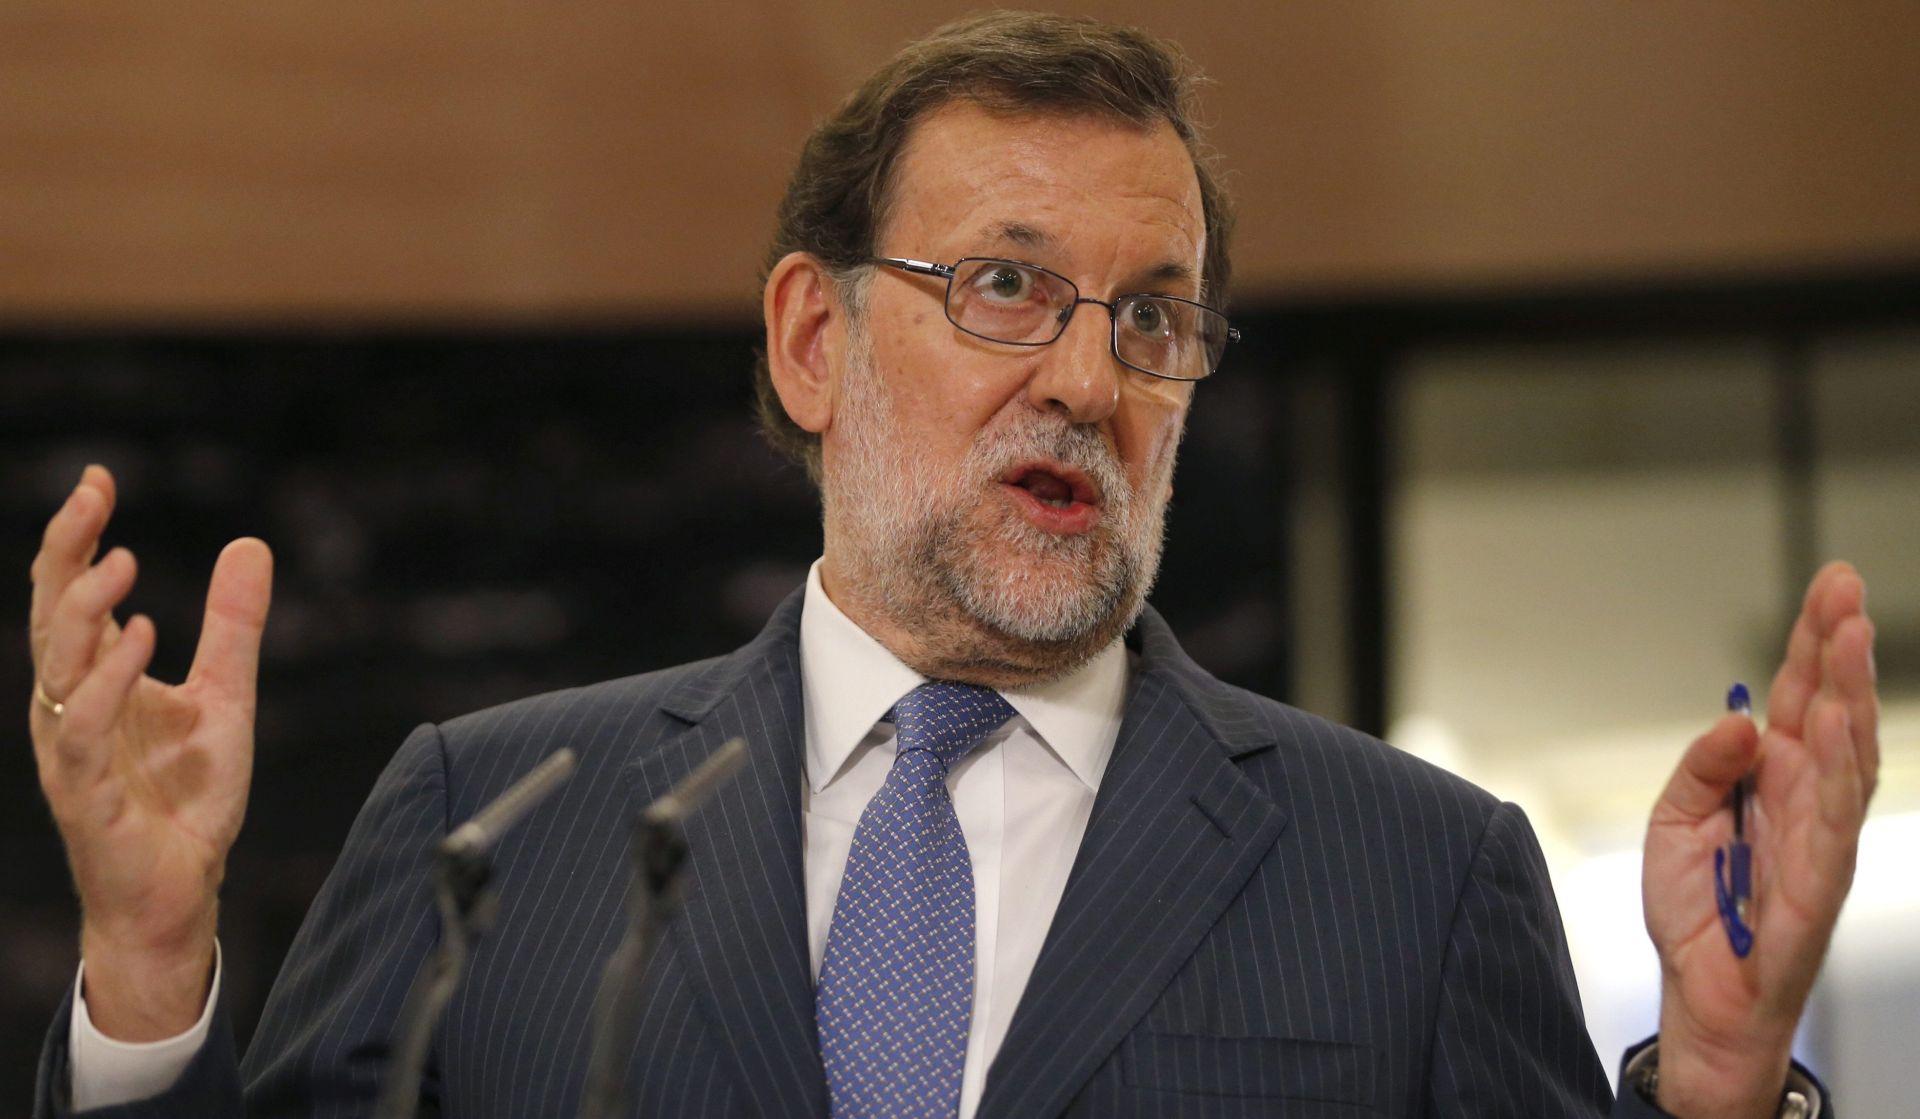 ŠPANJOLSKA Rajoy o novim mjerama za smanjenje deficita